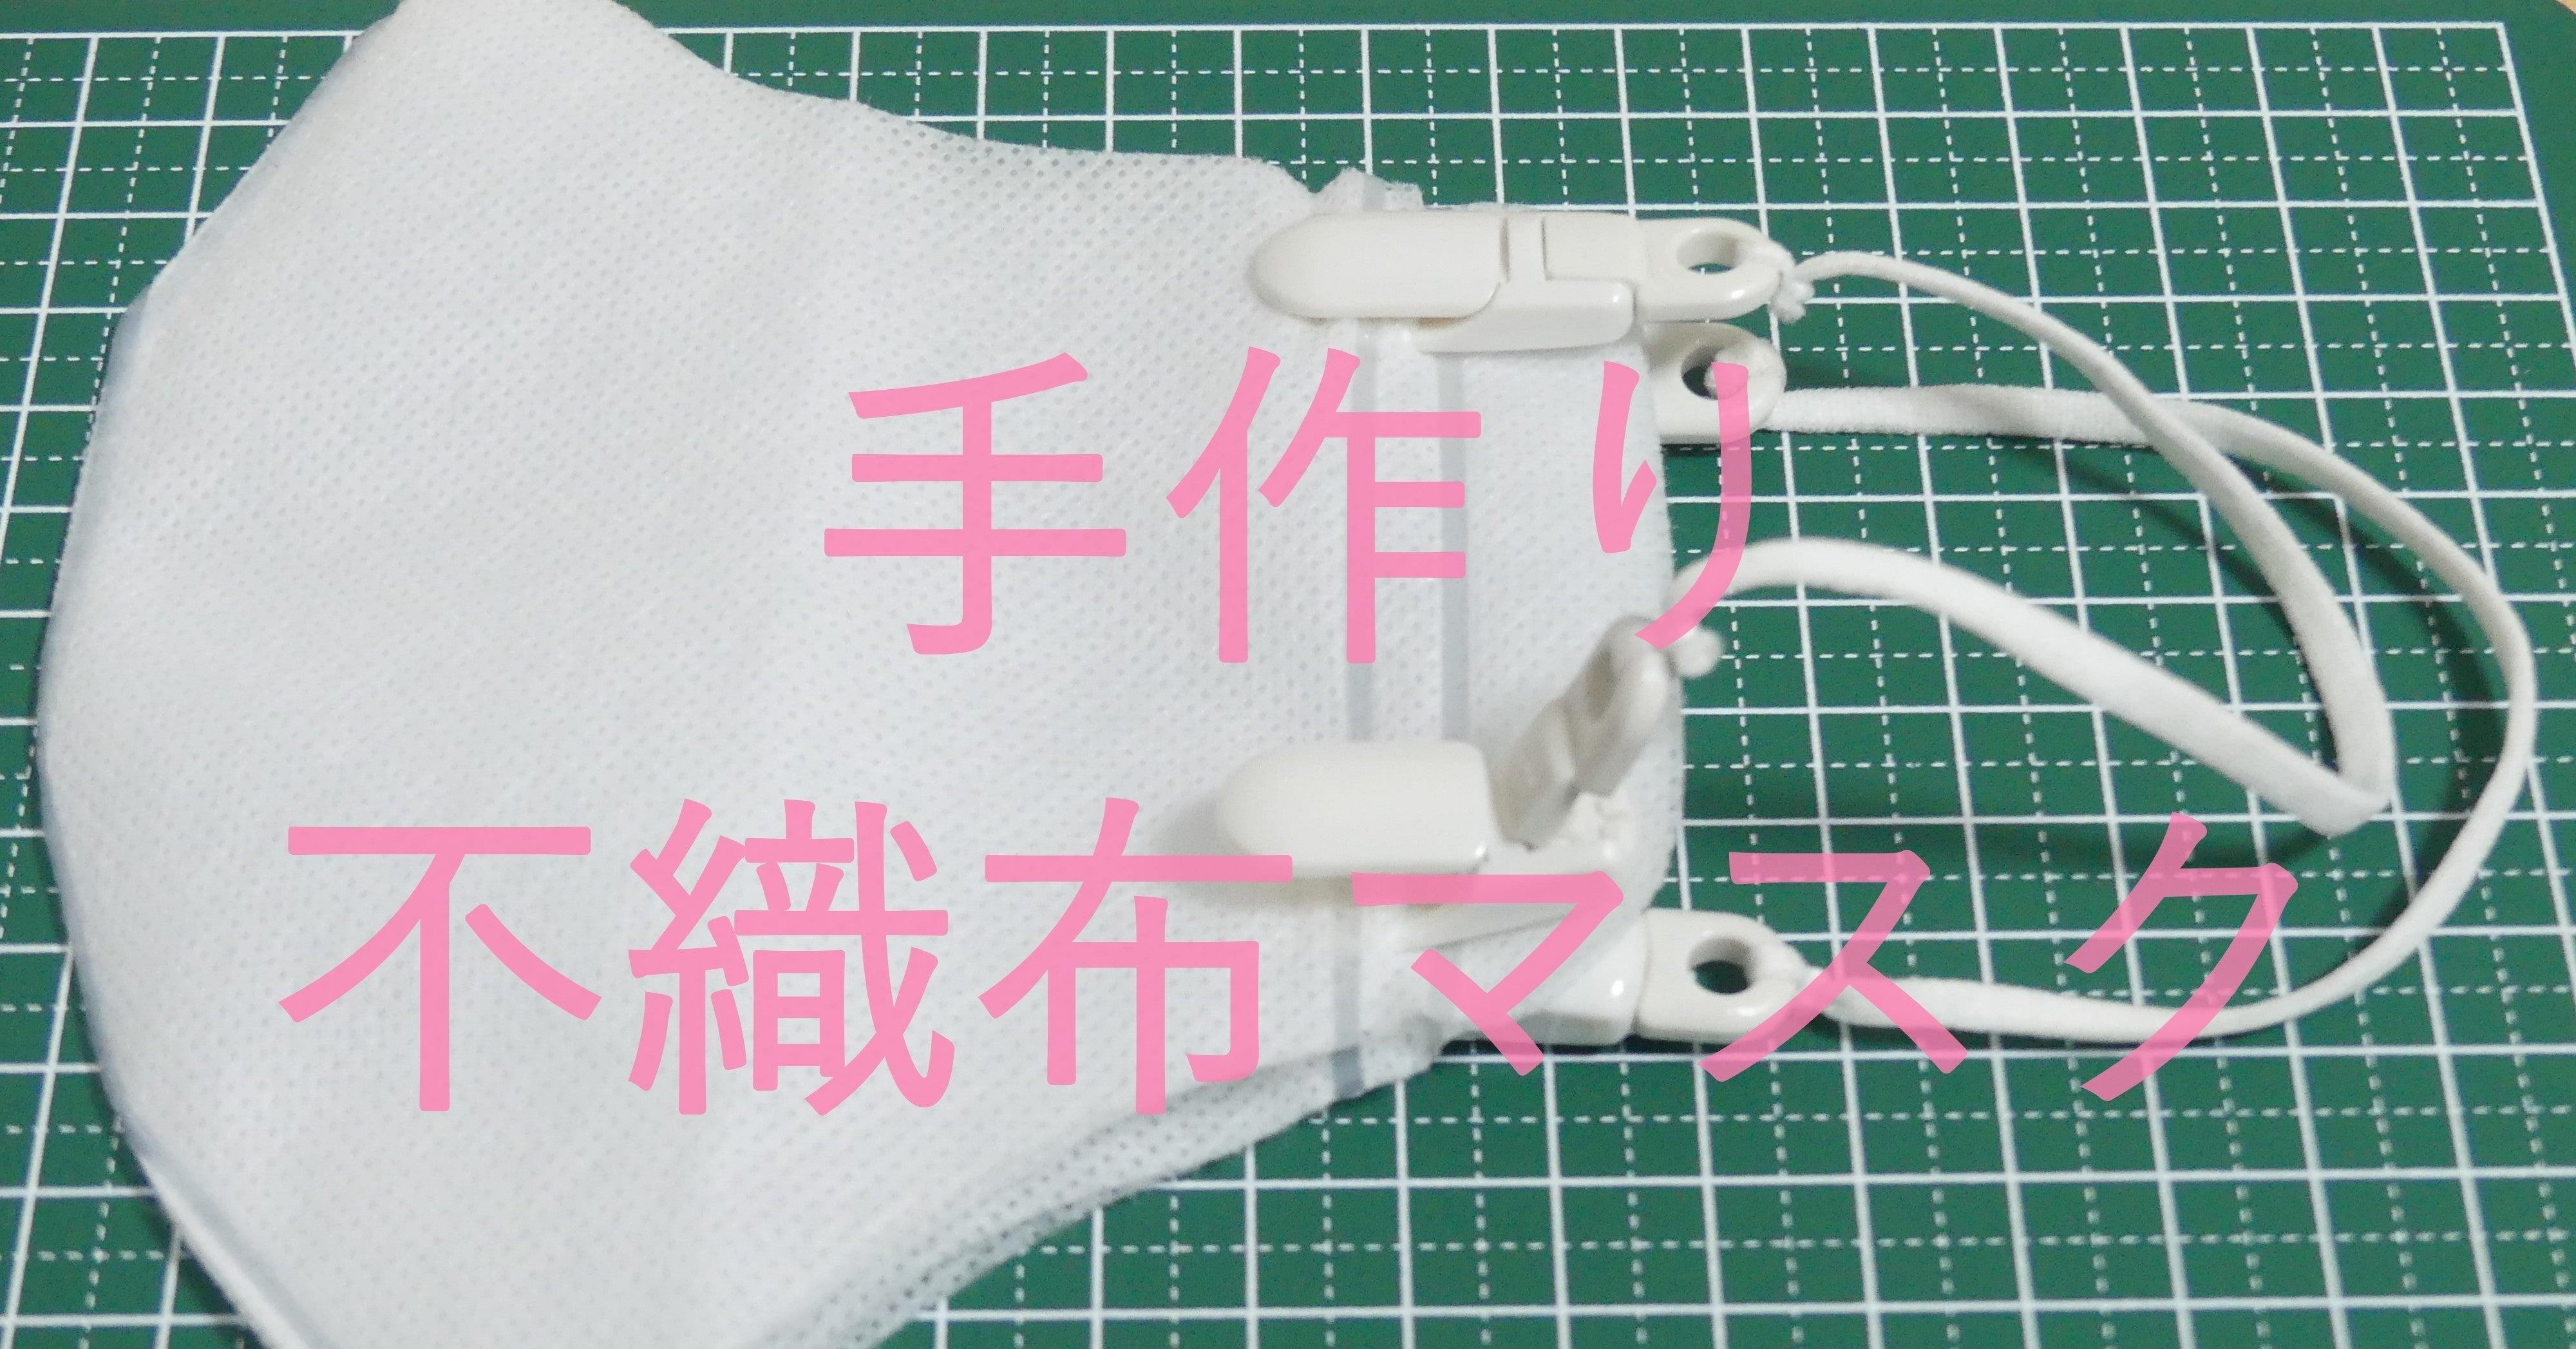 マスク 不織布 で 作る